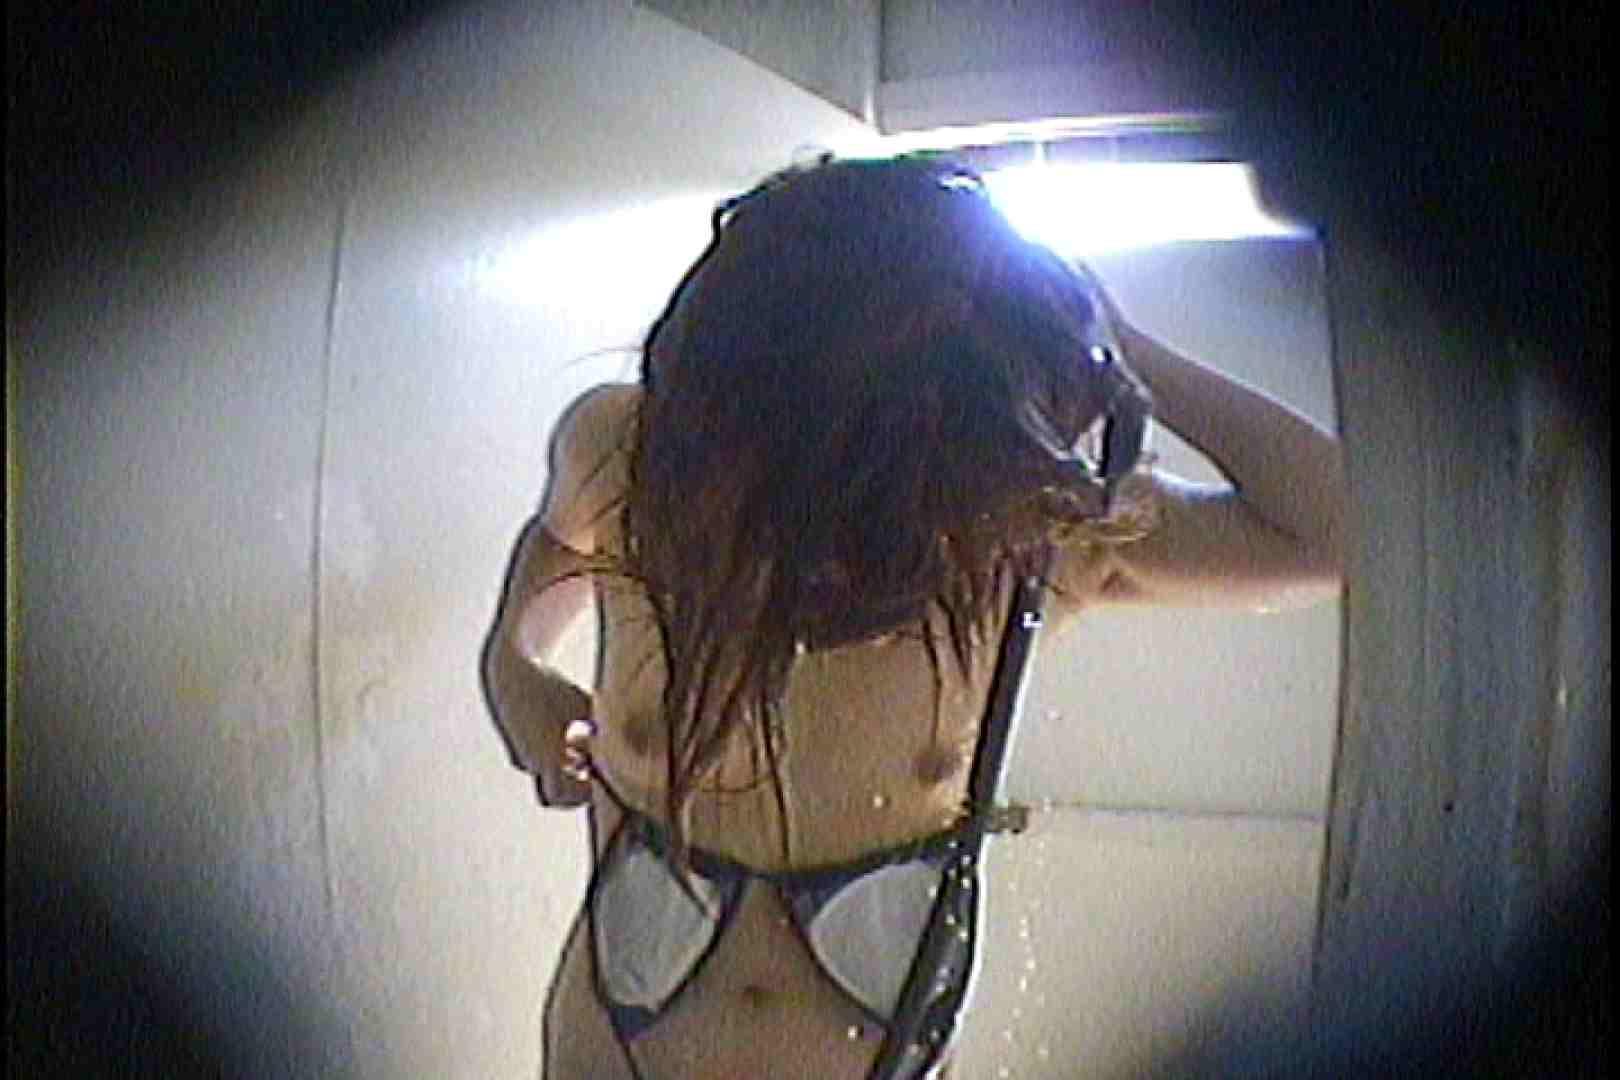 海の家の更衣室 Vol.31 美女 セックス無修正動画無料 99画像 60